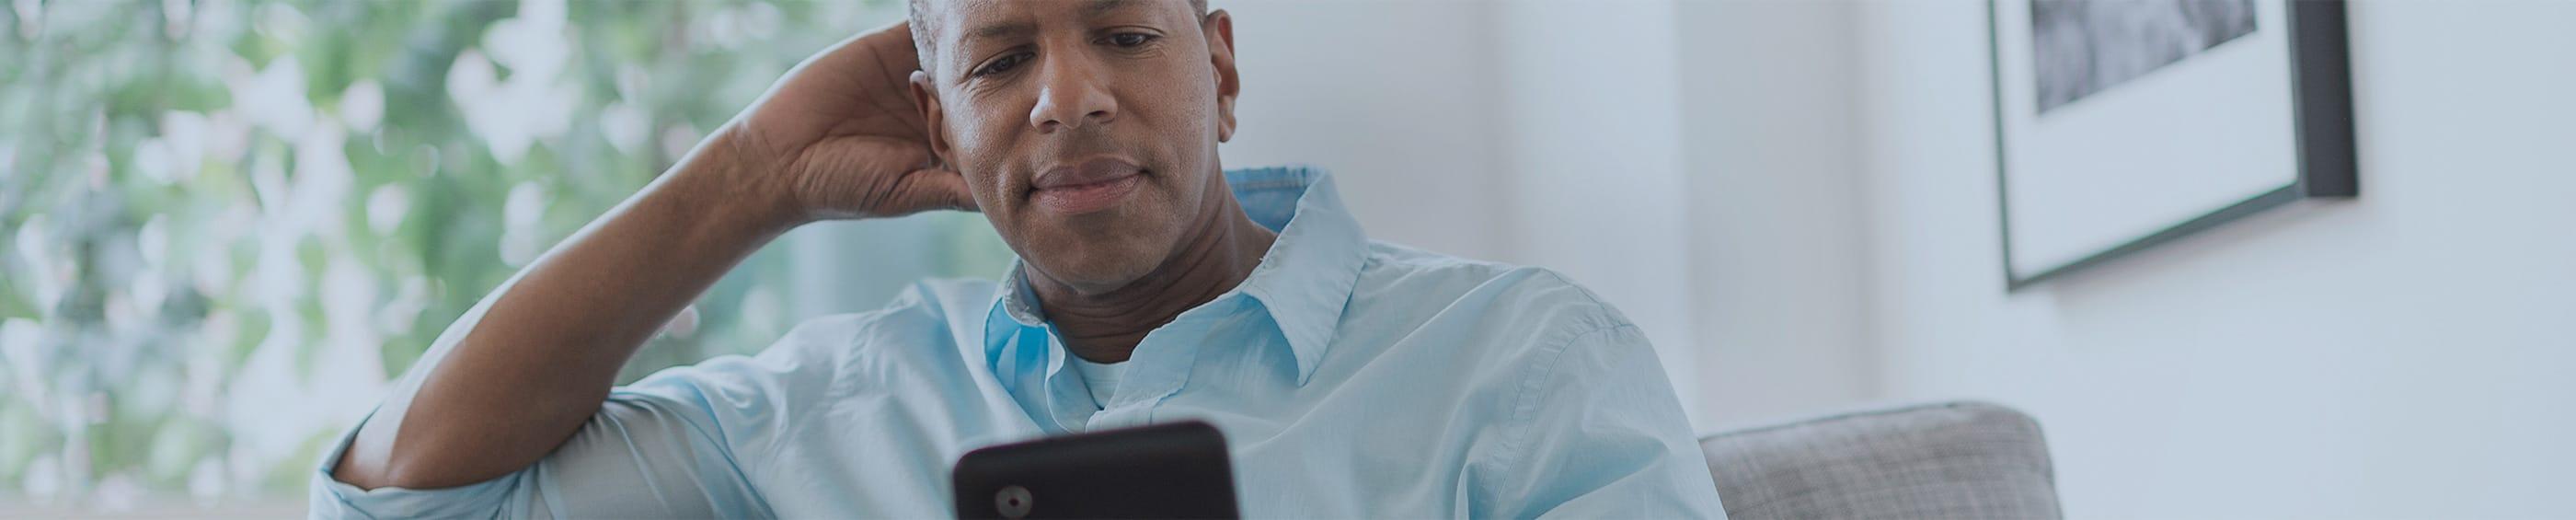 Un padre leyendo su tableta en el sofá